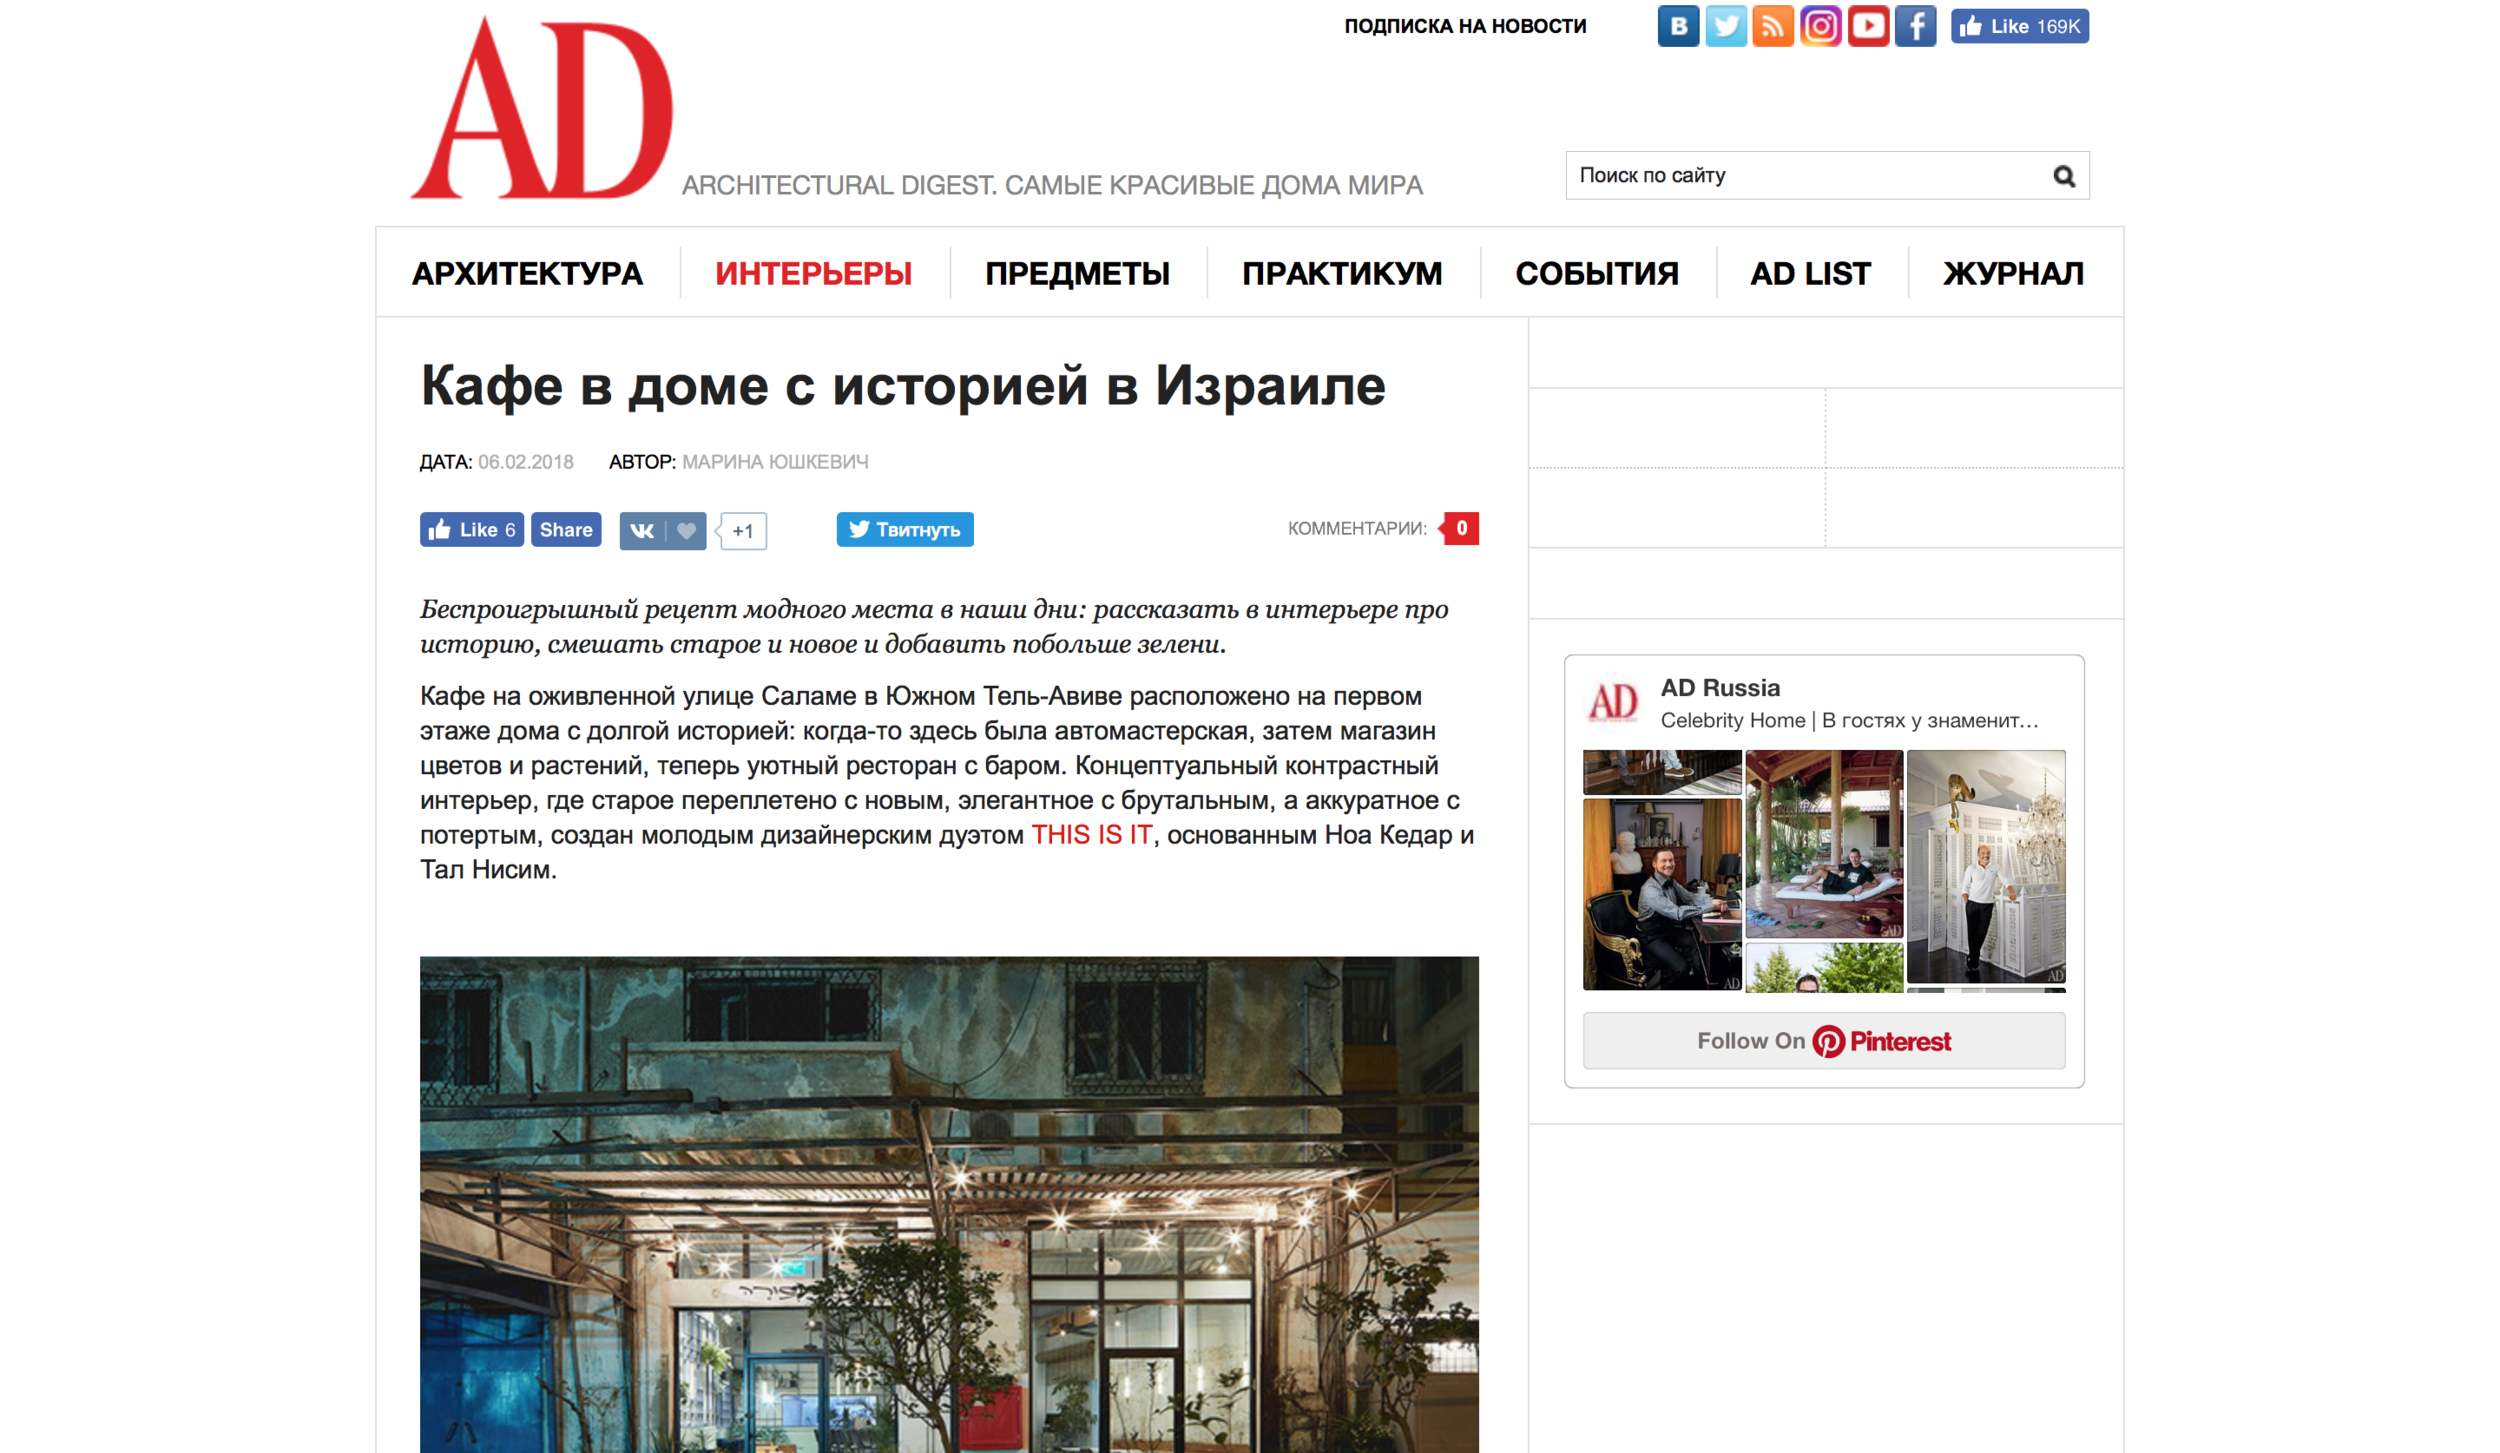 Admagazine.ru